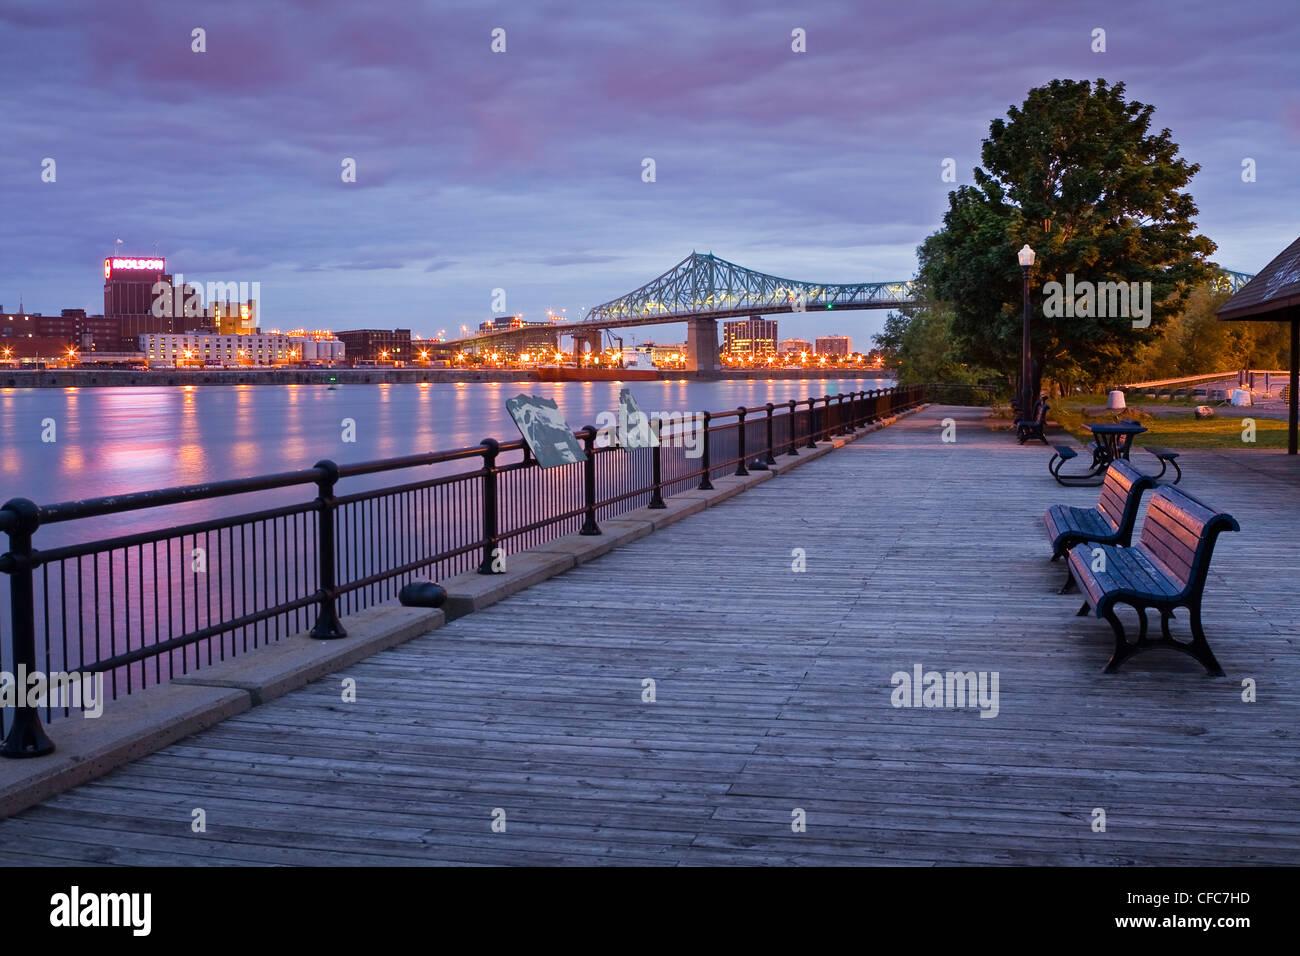 La isla de Montreal y el puente Jacques-Cartier, visto desde la Isla de Santa Elena al amanecer, Quebec, Canadá. Imagen De Stock